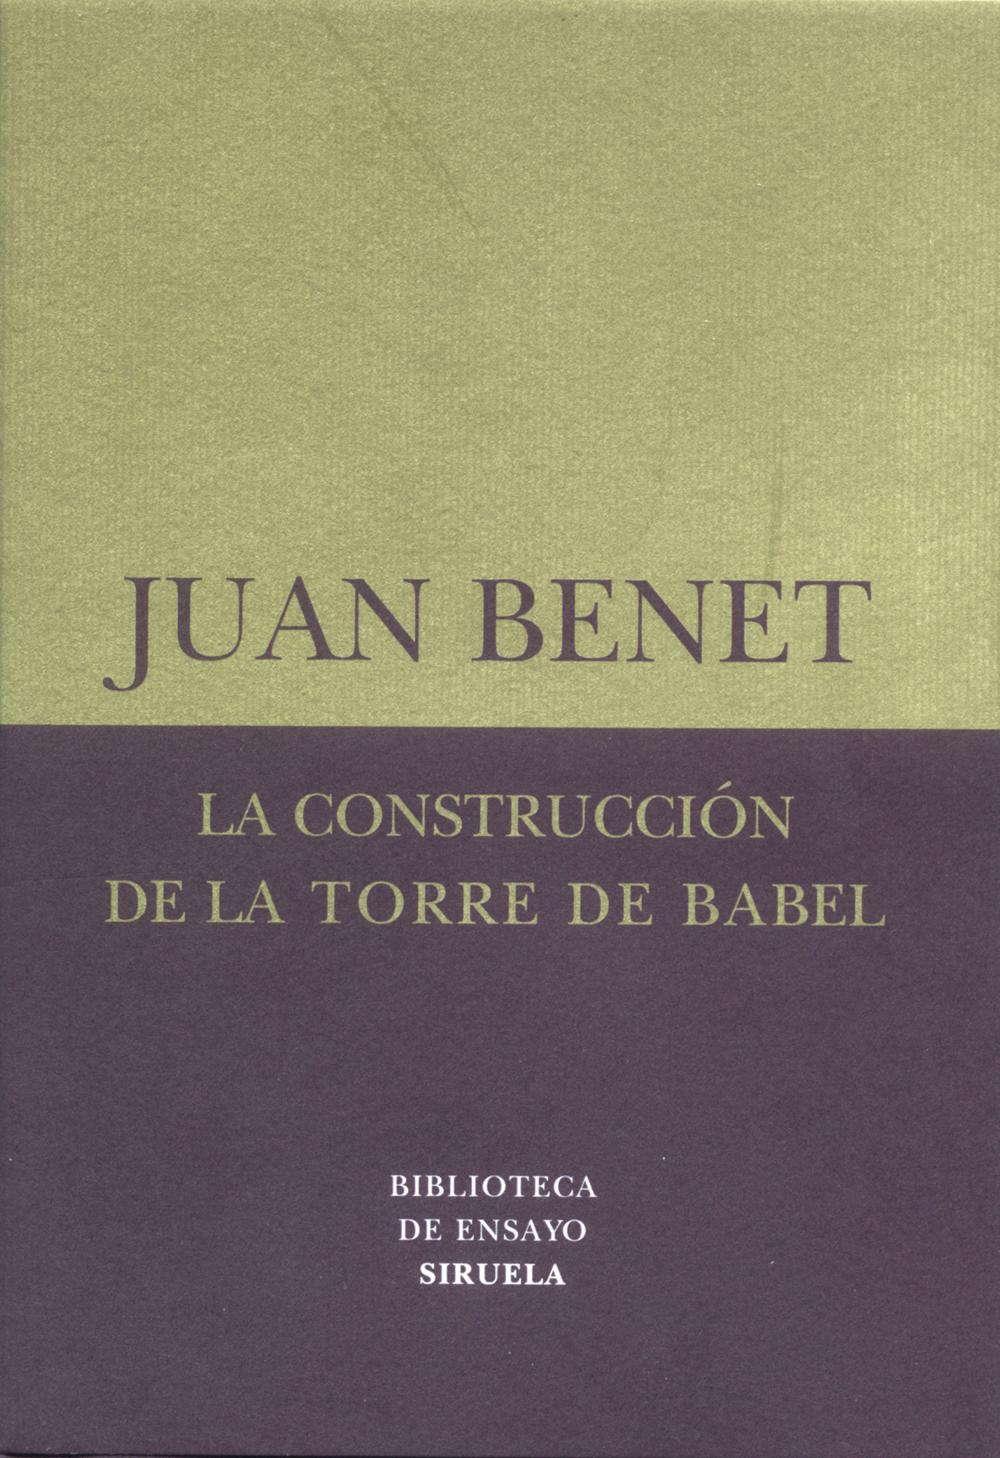 La construcción de la torre de Babel /Sobre la necesidad de la traición